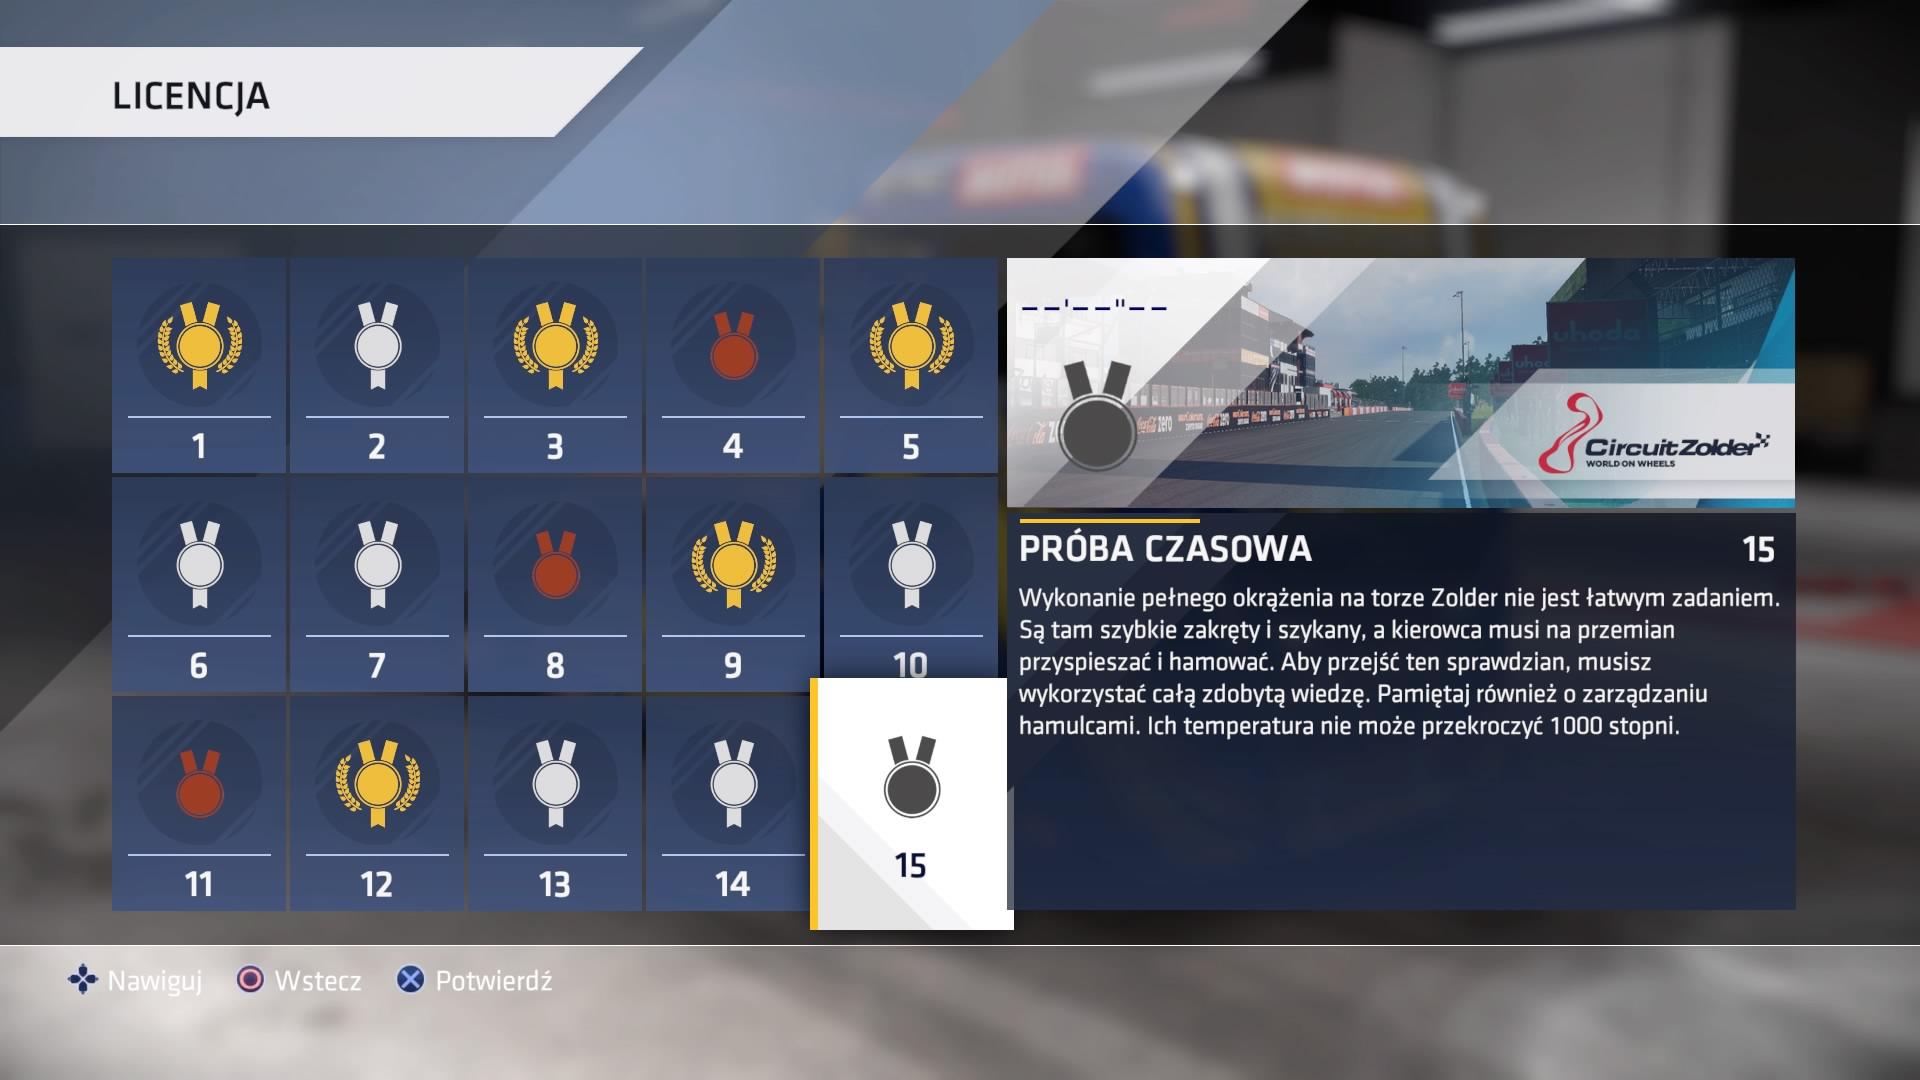 FIA European Truck Racing Championship - tylko dla koneserów?